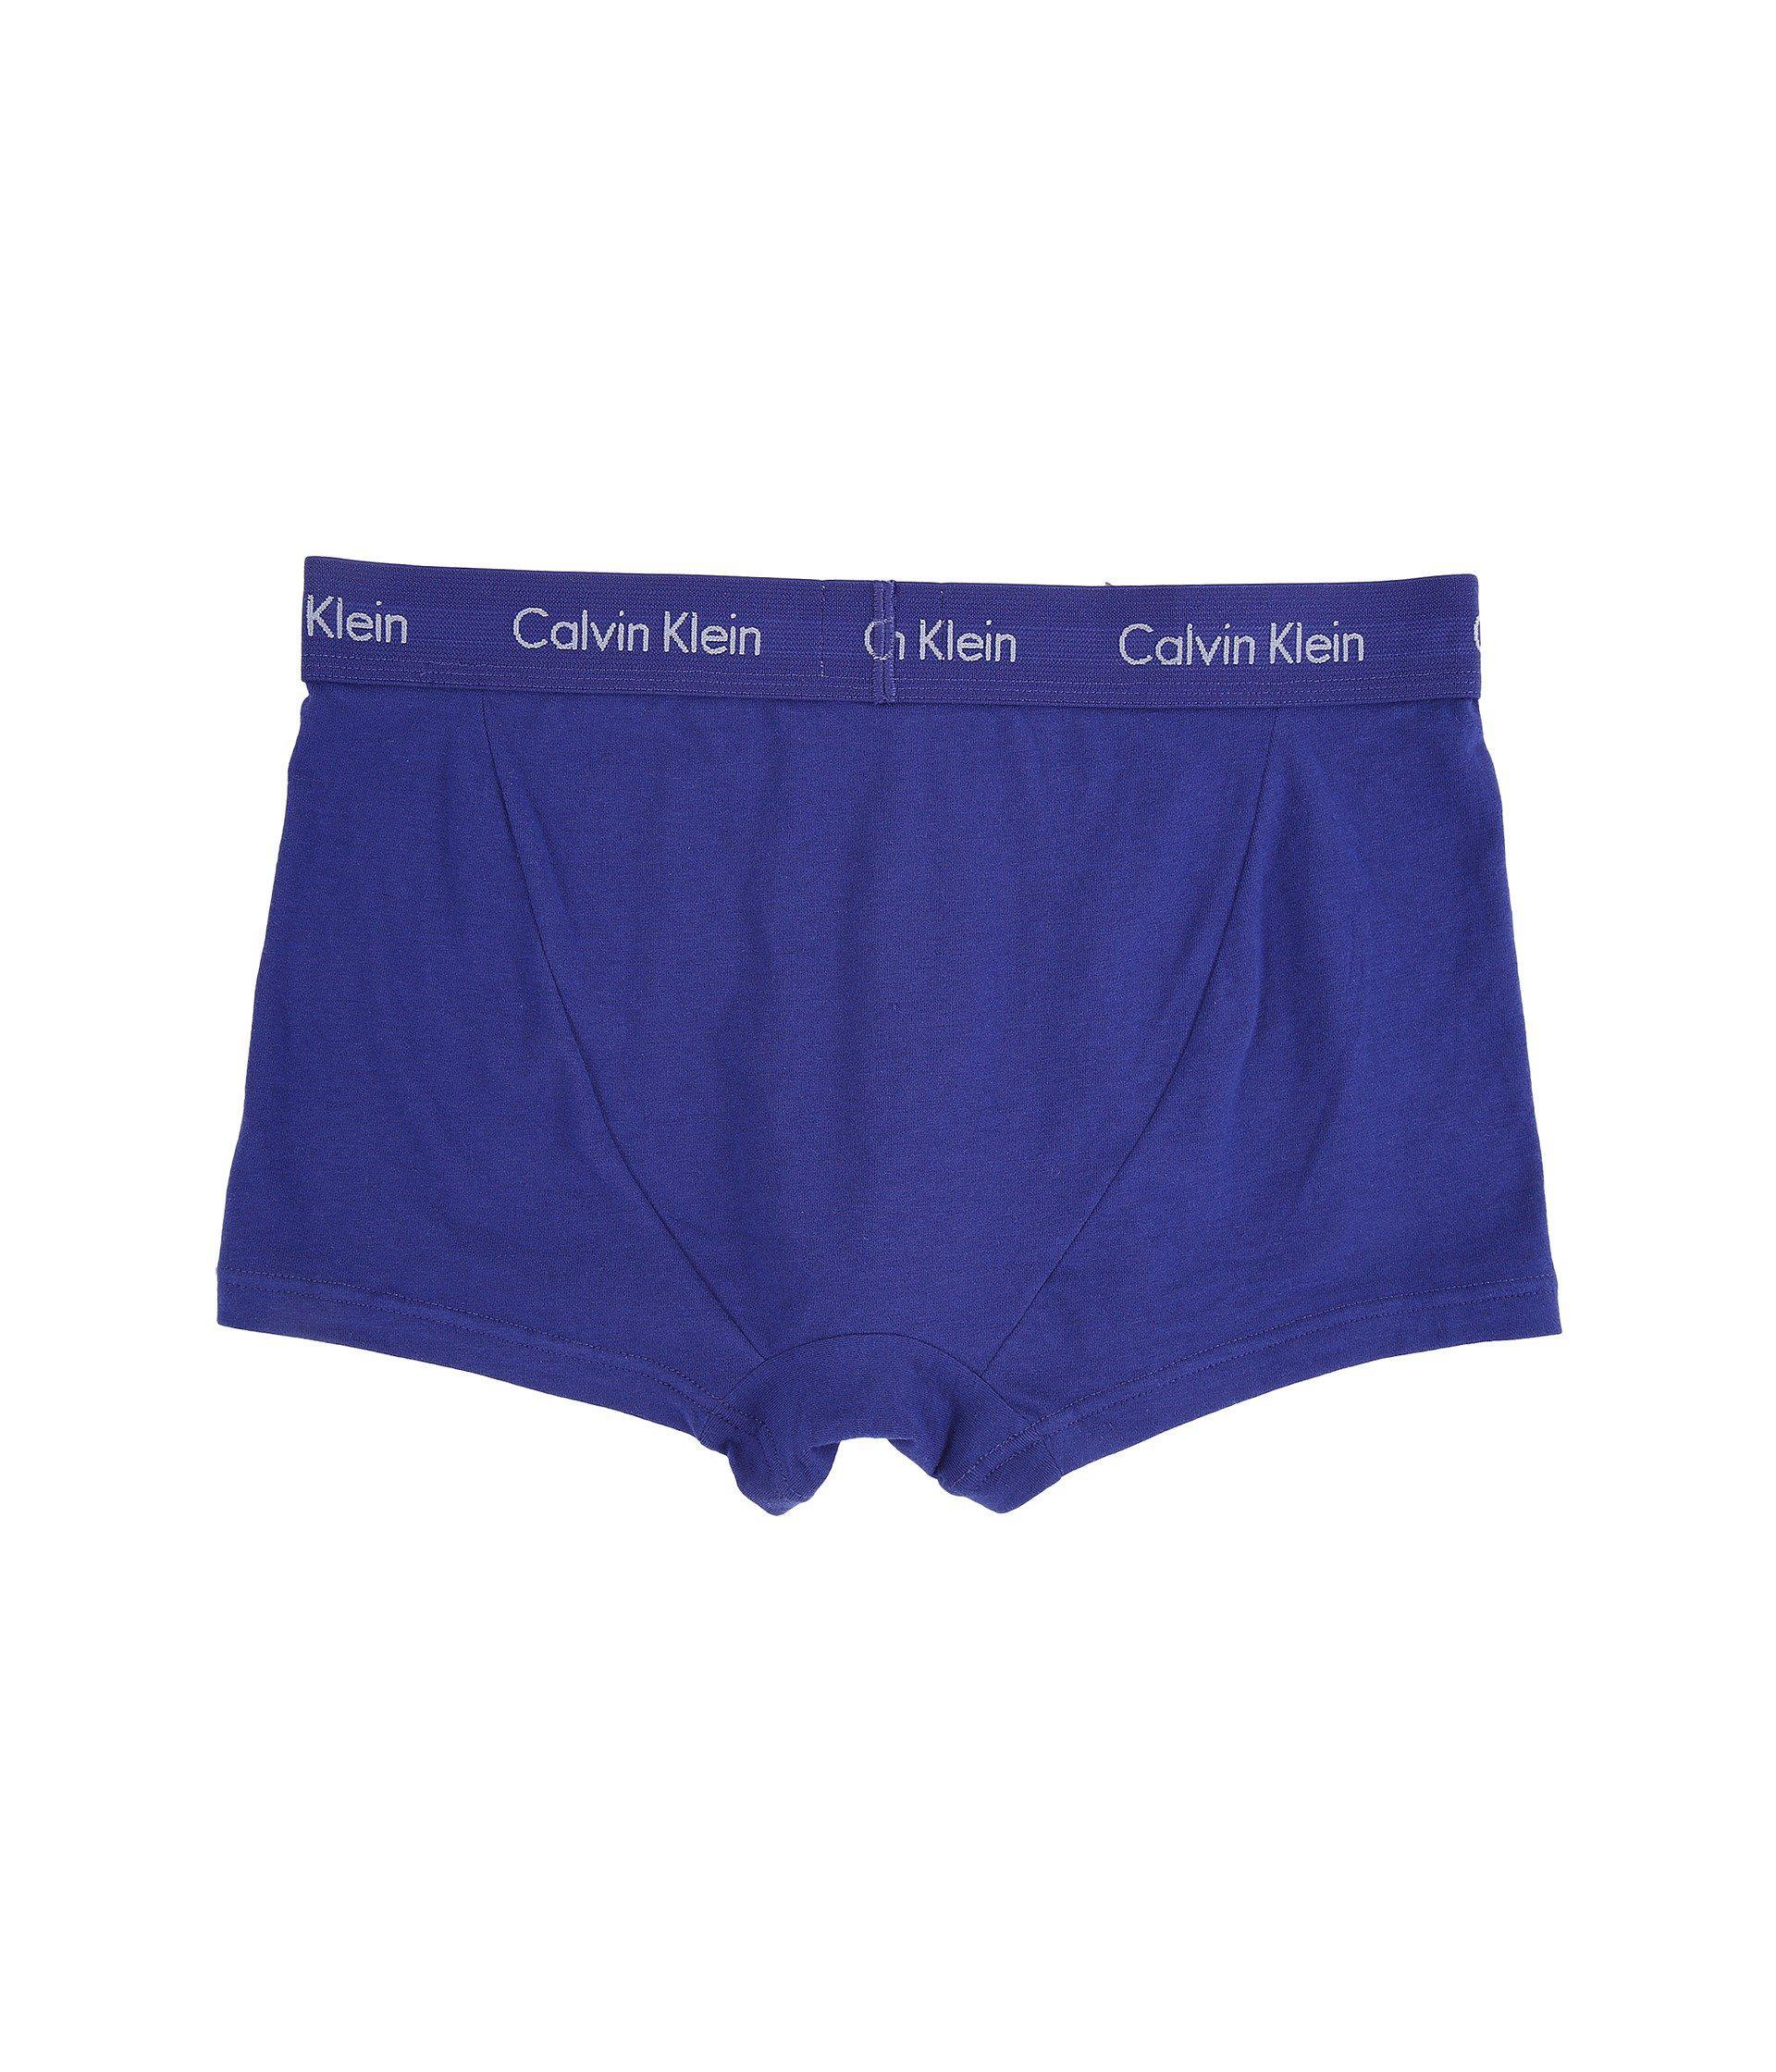 a100d1b50036 Lyst - Calvin Klein Cotton Stretch Low Rise Trunk 3-pack Nu2664 ...